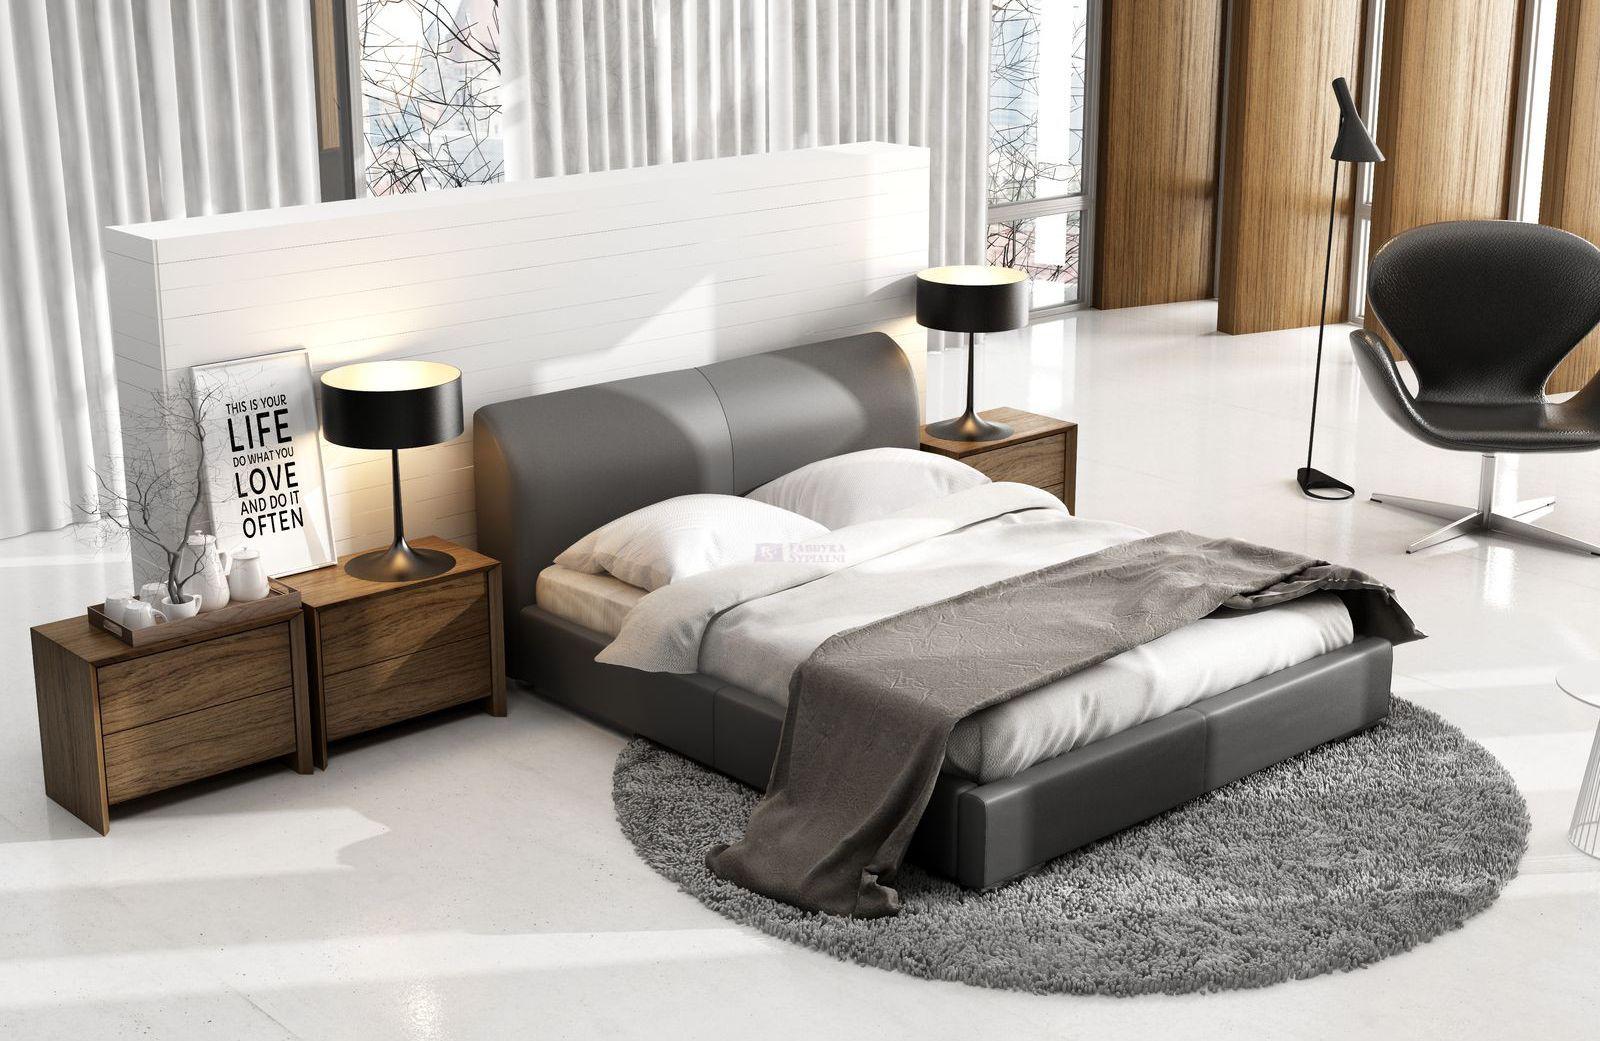 Łóżko Classic Lux z zagłówkiem dość okazałym w wyglądzie. Sprawia, że surowa stylizacja staje się przytulna i ciepła. Fot. New Design